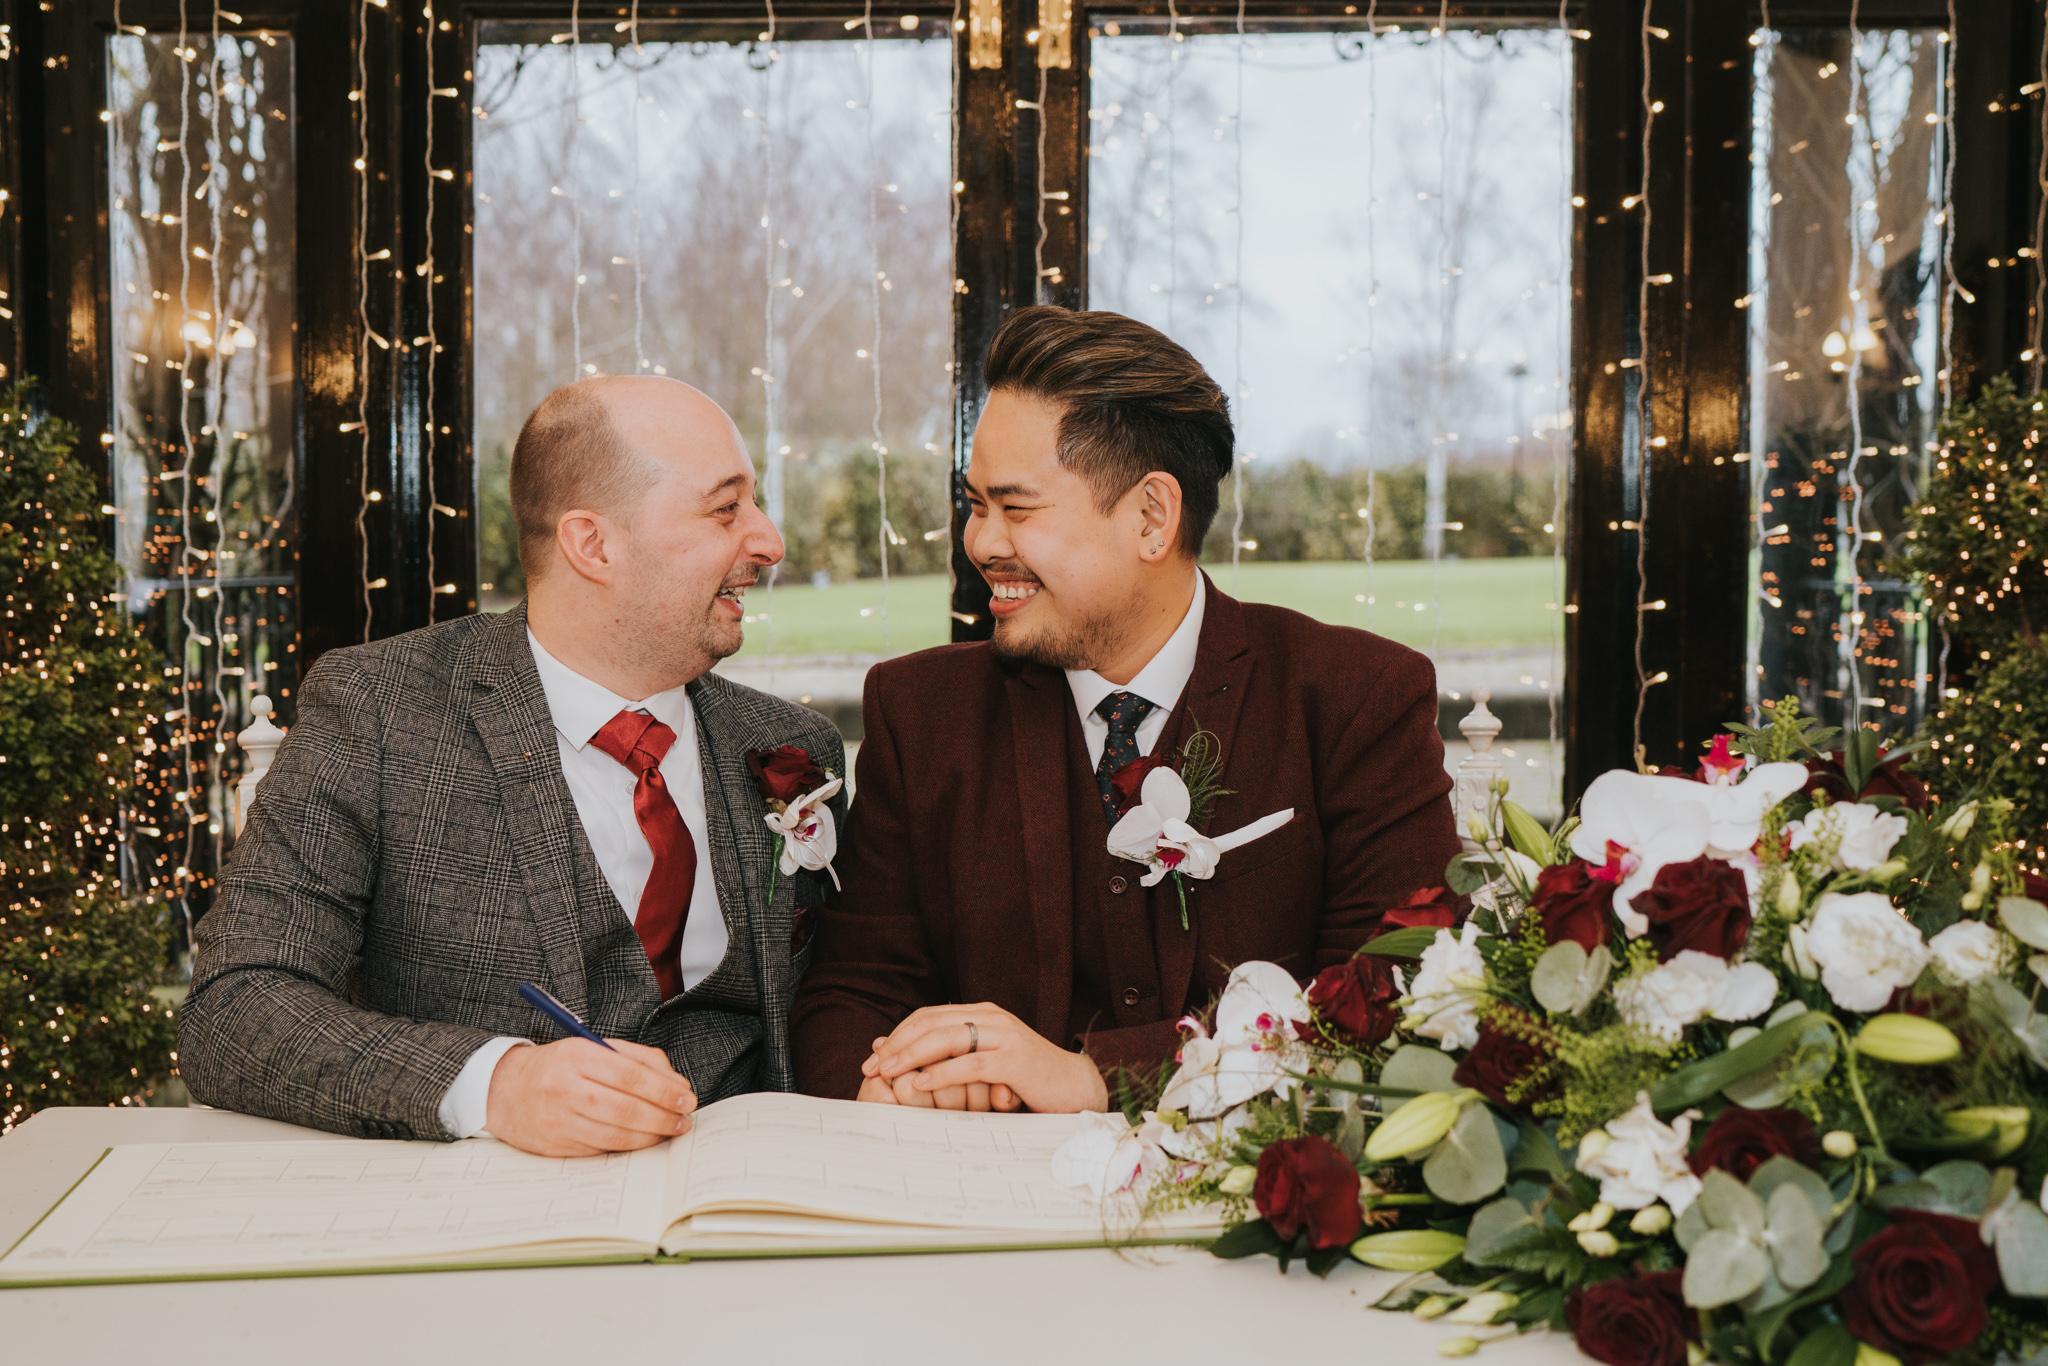 mark-laurence-crondon-park-same-sex-wedding-grace-elizabeth-colchester-essex-alternative-wedding-photographer-suffolk-norfolk-devon (12 of 33).jpg